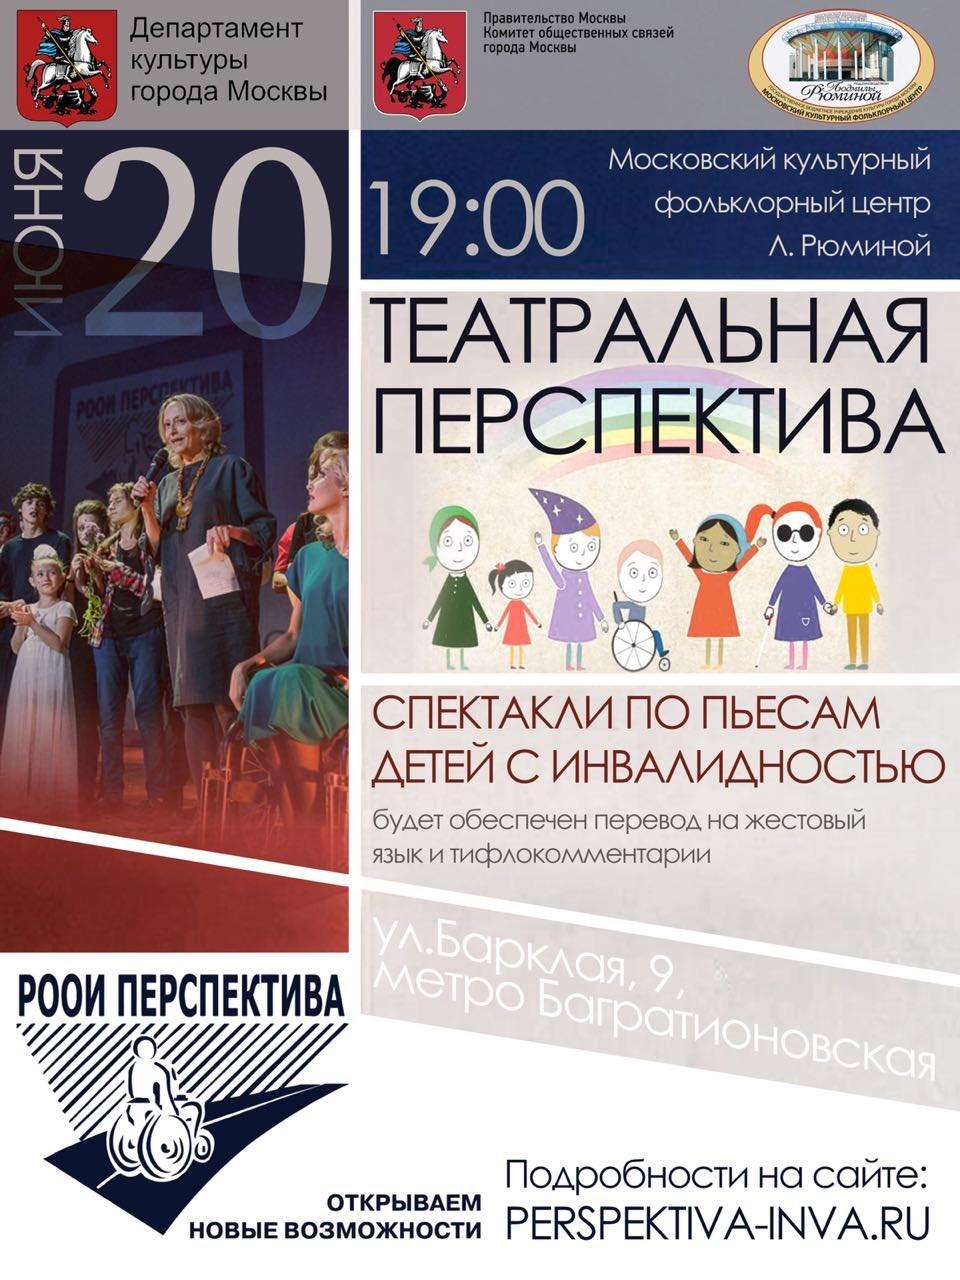 Открыта регистрация на «Театральную перспективу»